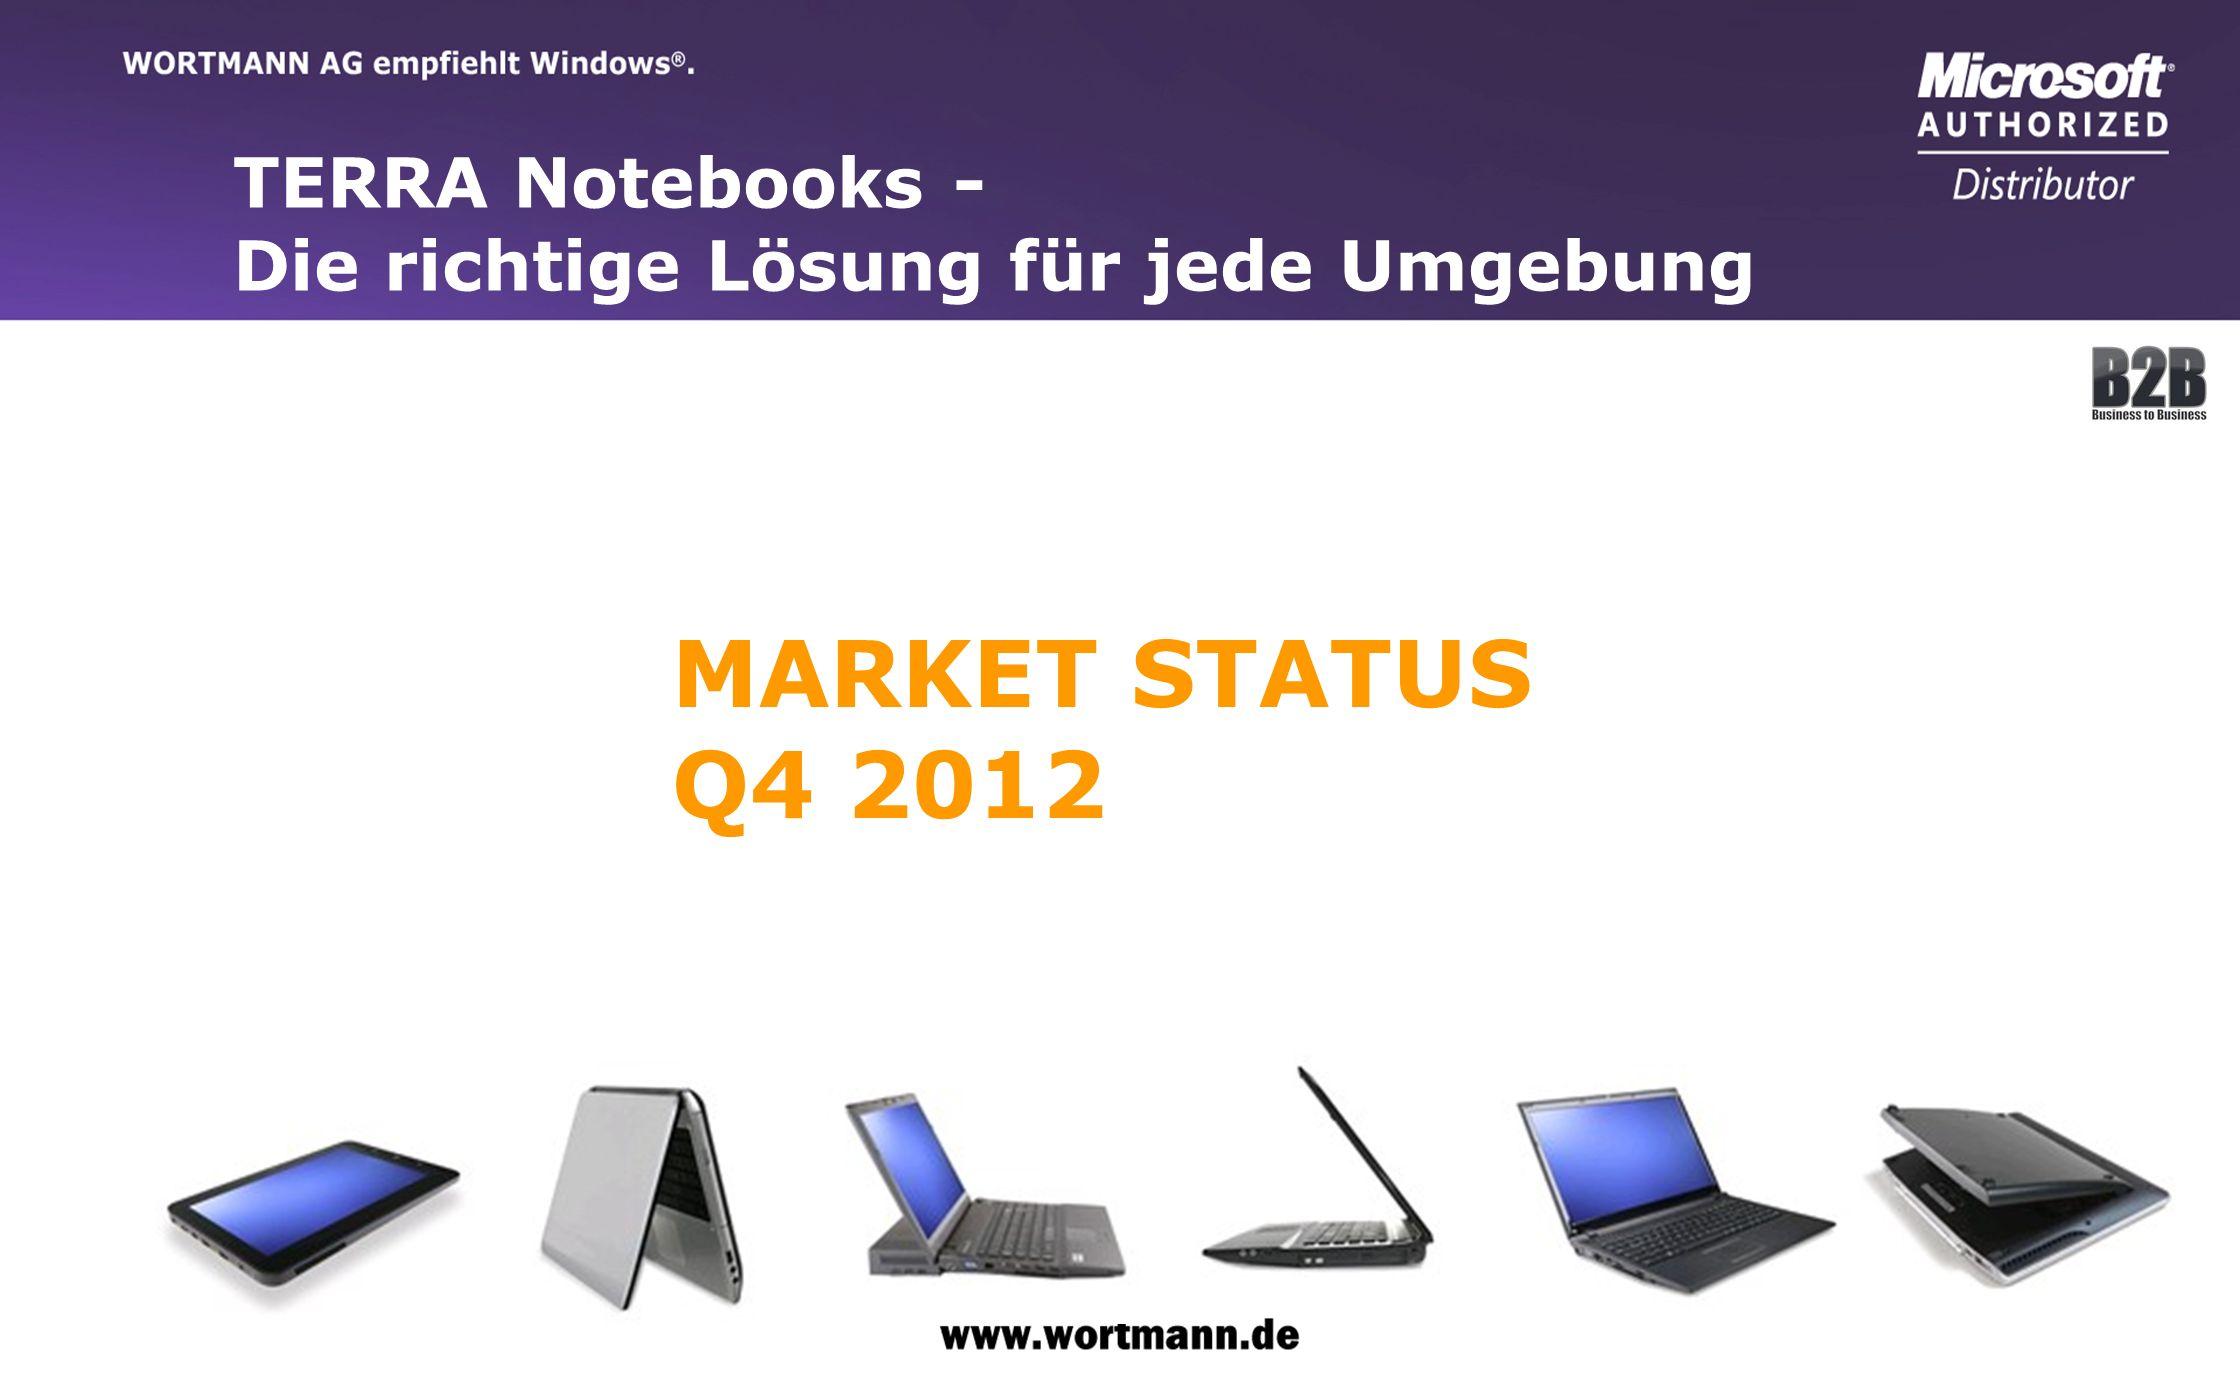 www.wortmann.de TERRA Notebooks - Die richtige Lösung für jede Umgebung MARKET STATUS Q4 2012